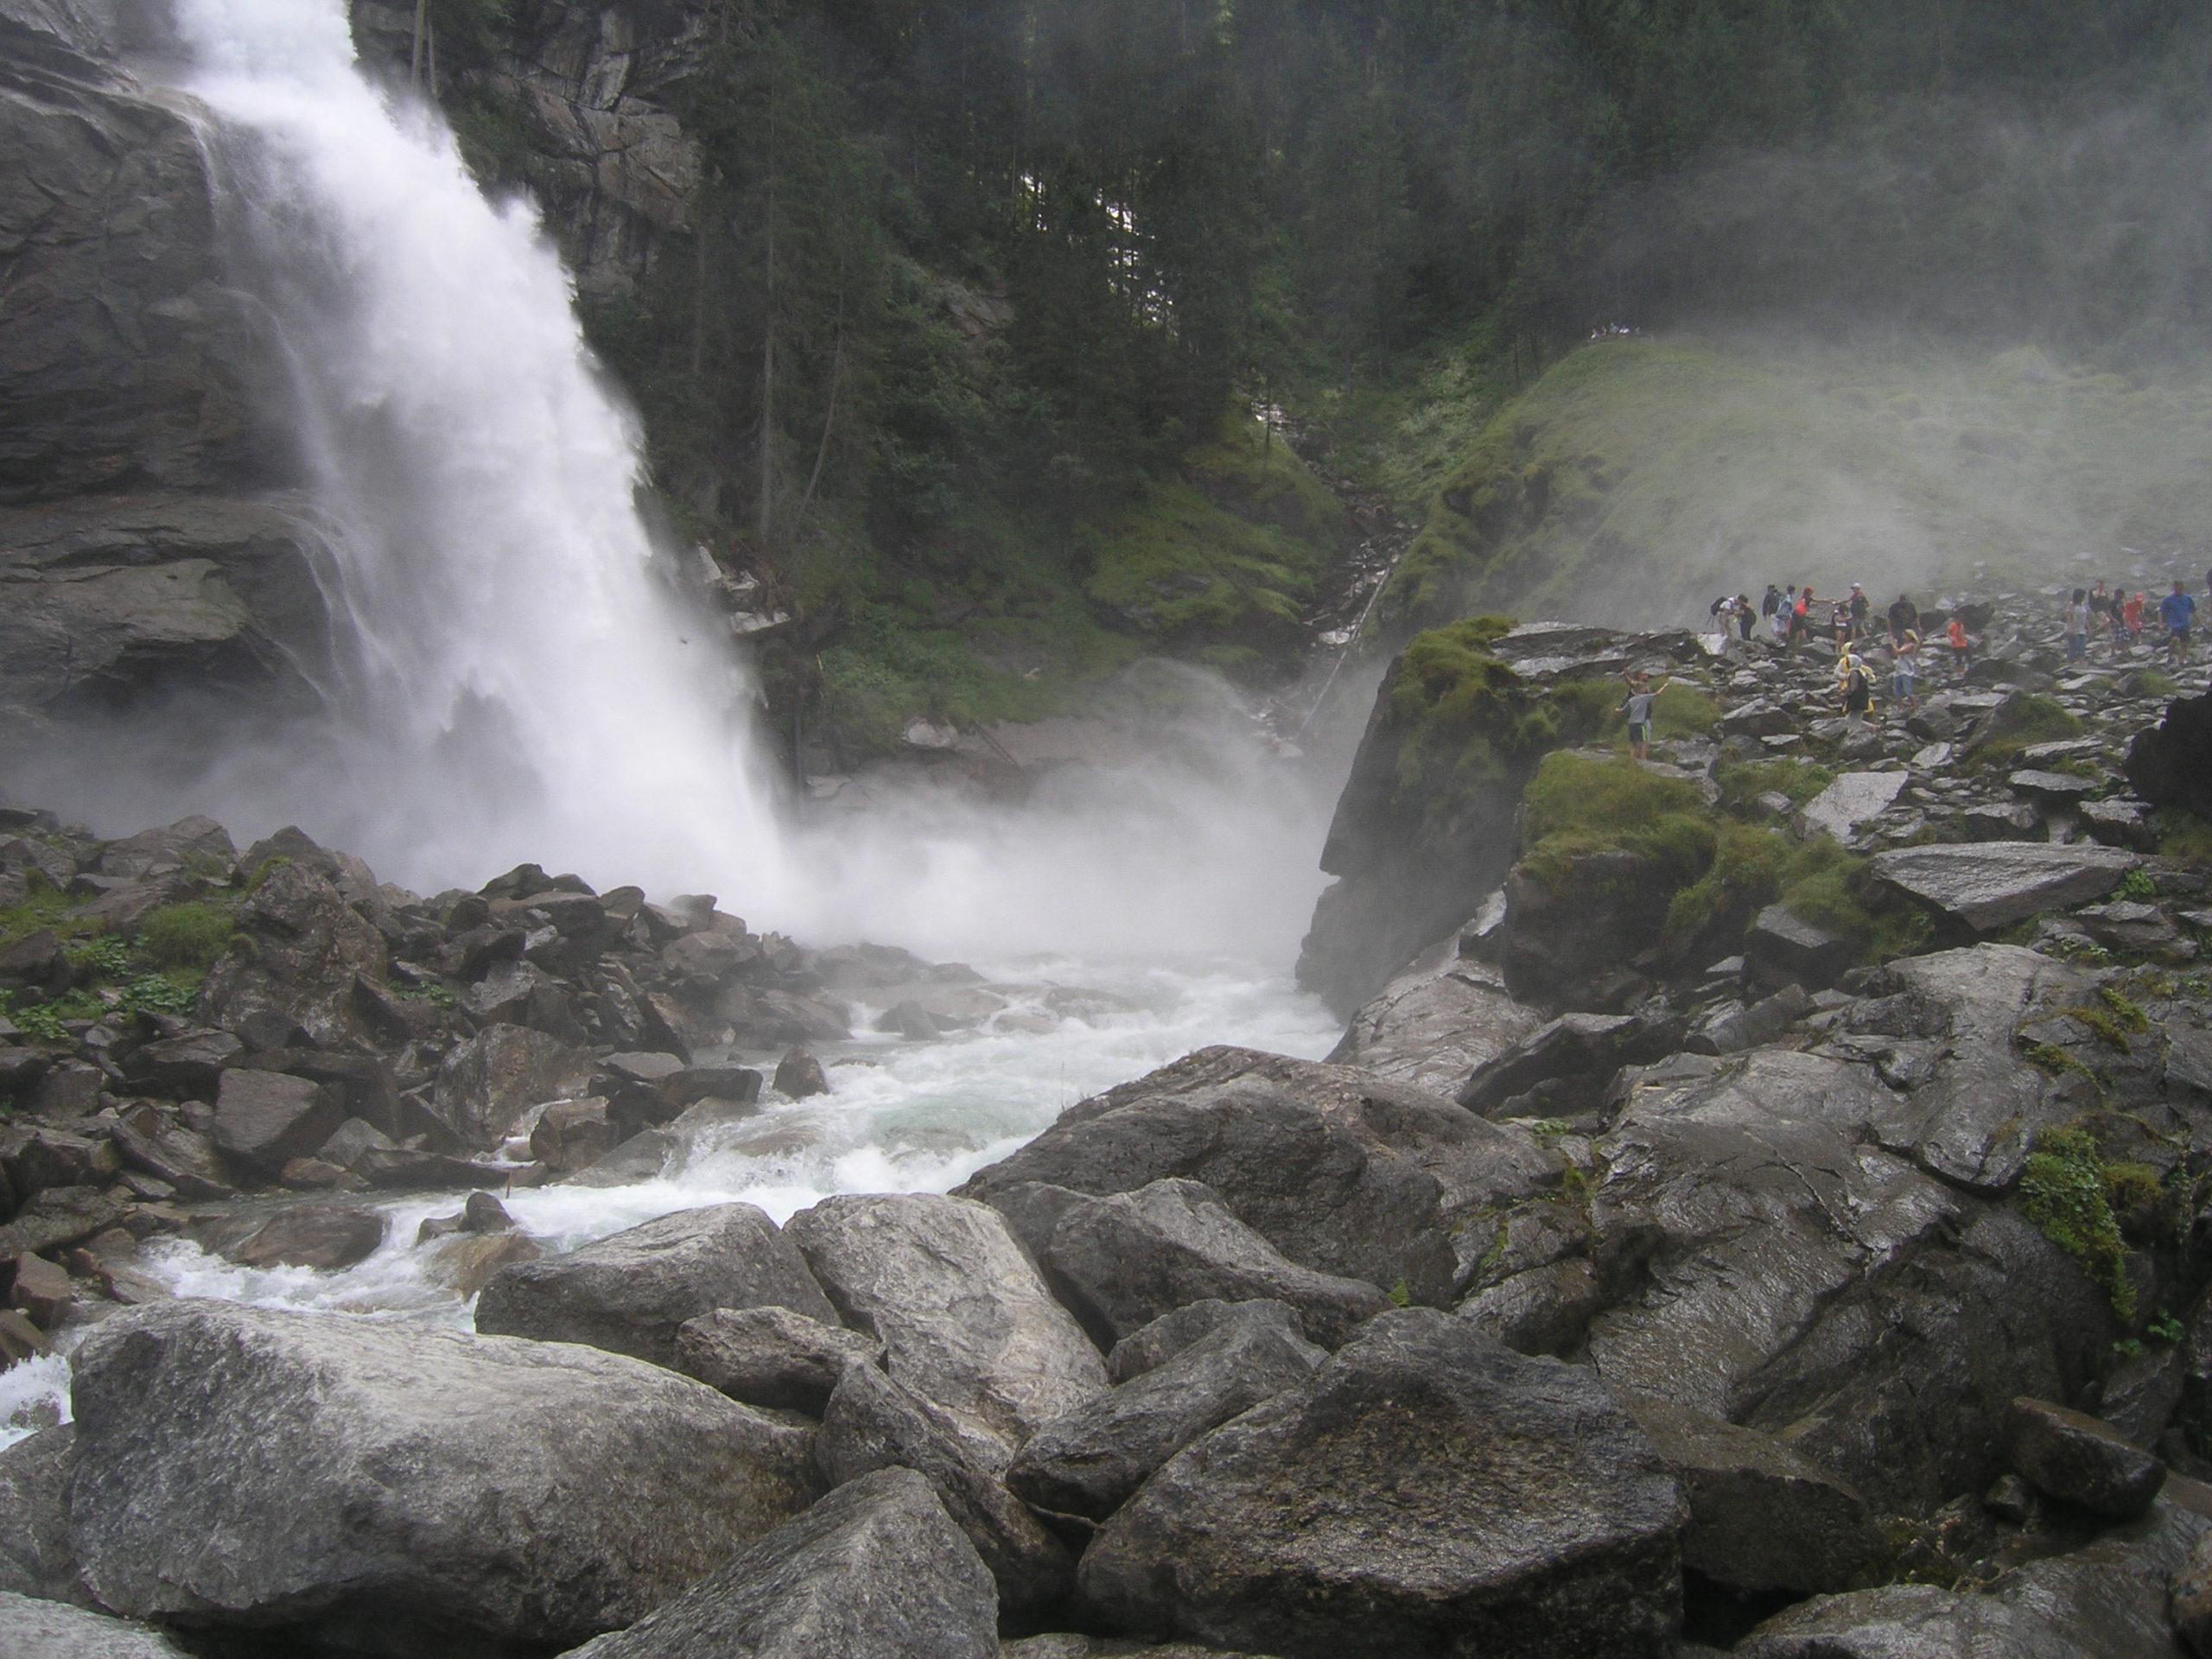 Skały i wodospad